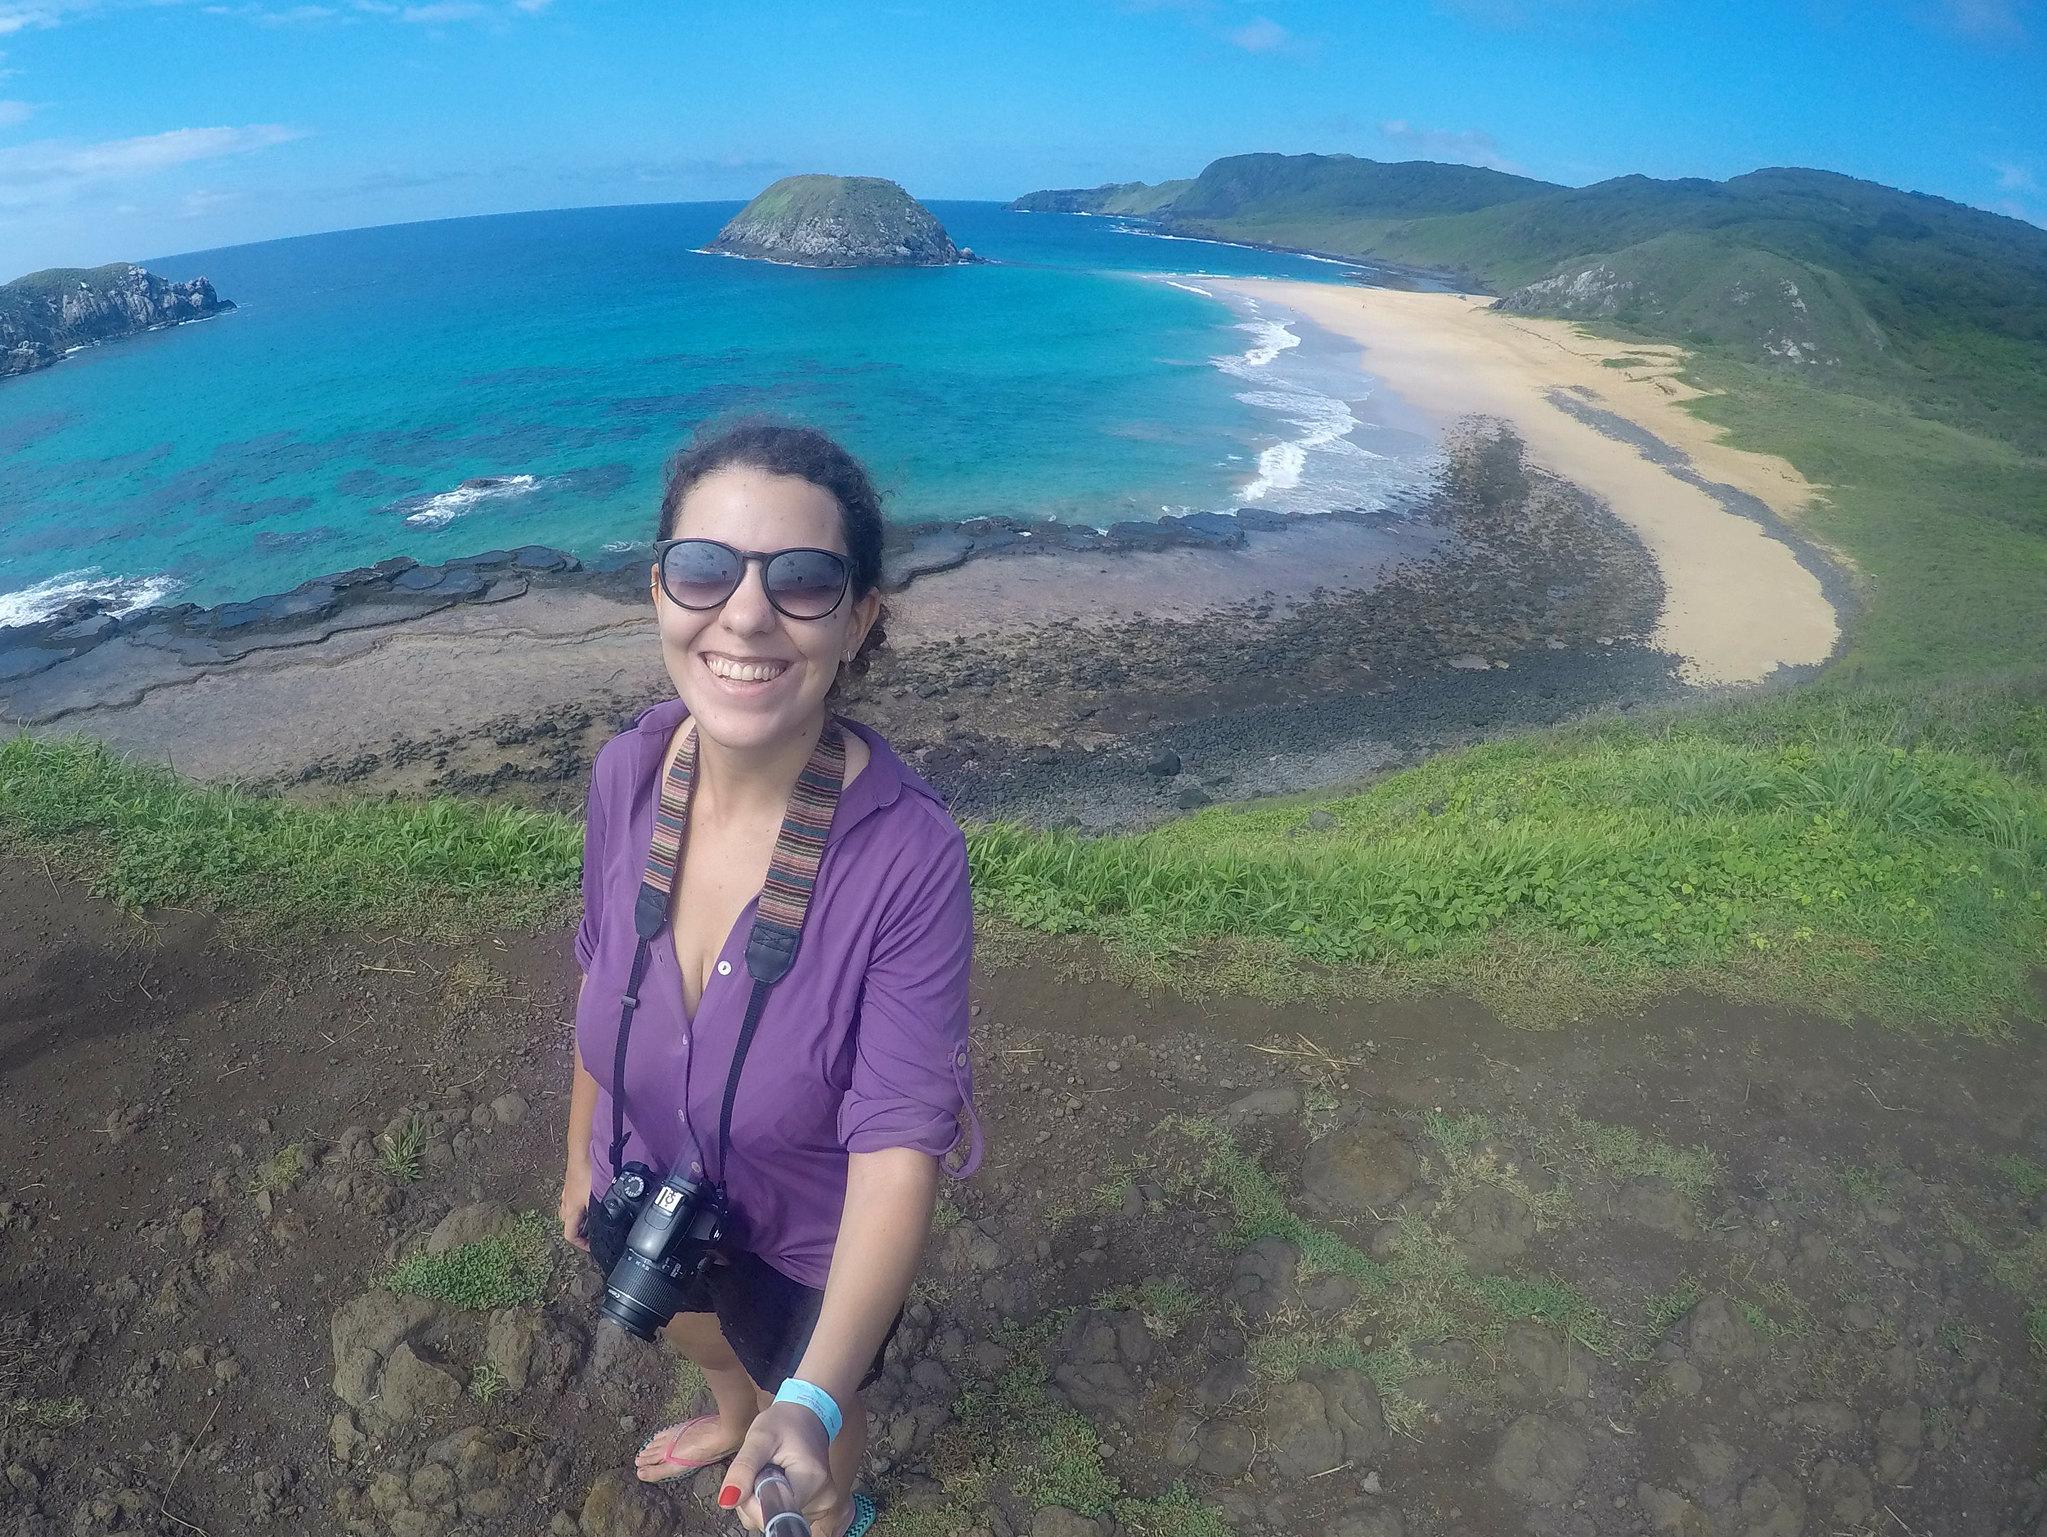 ilha-tour-praia-leao